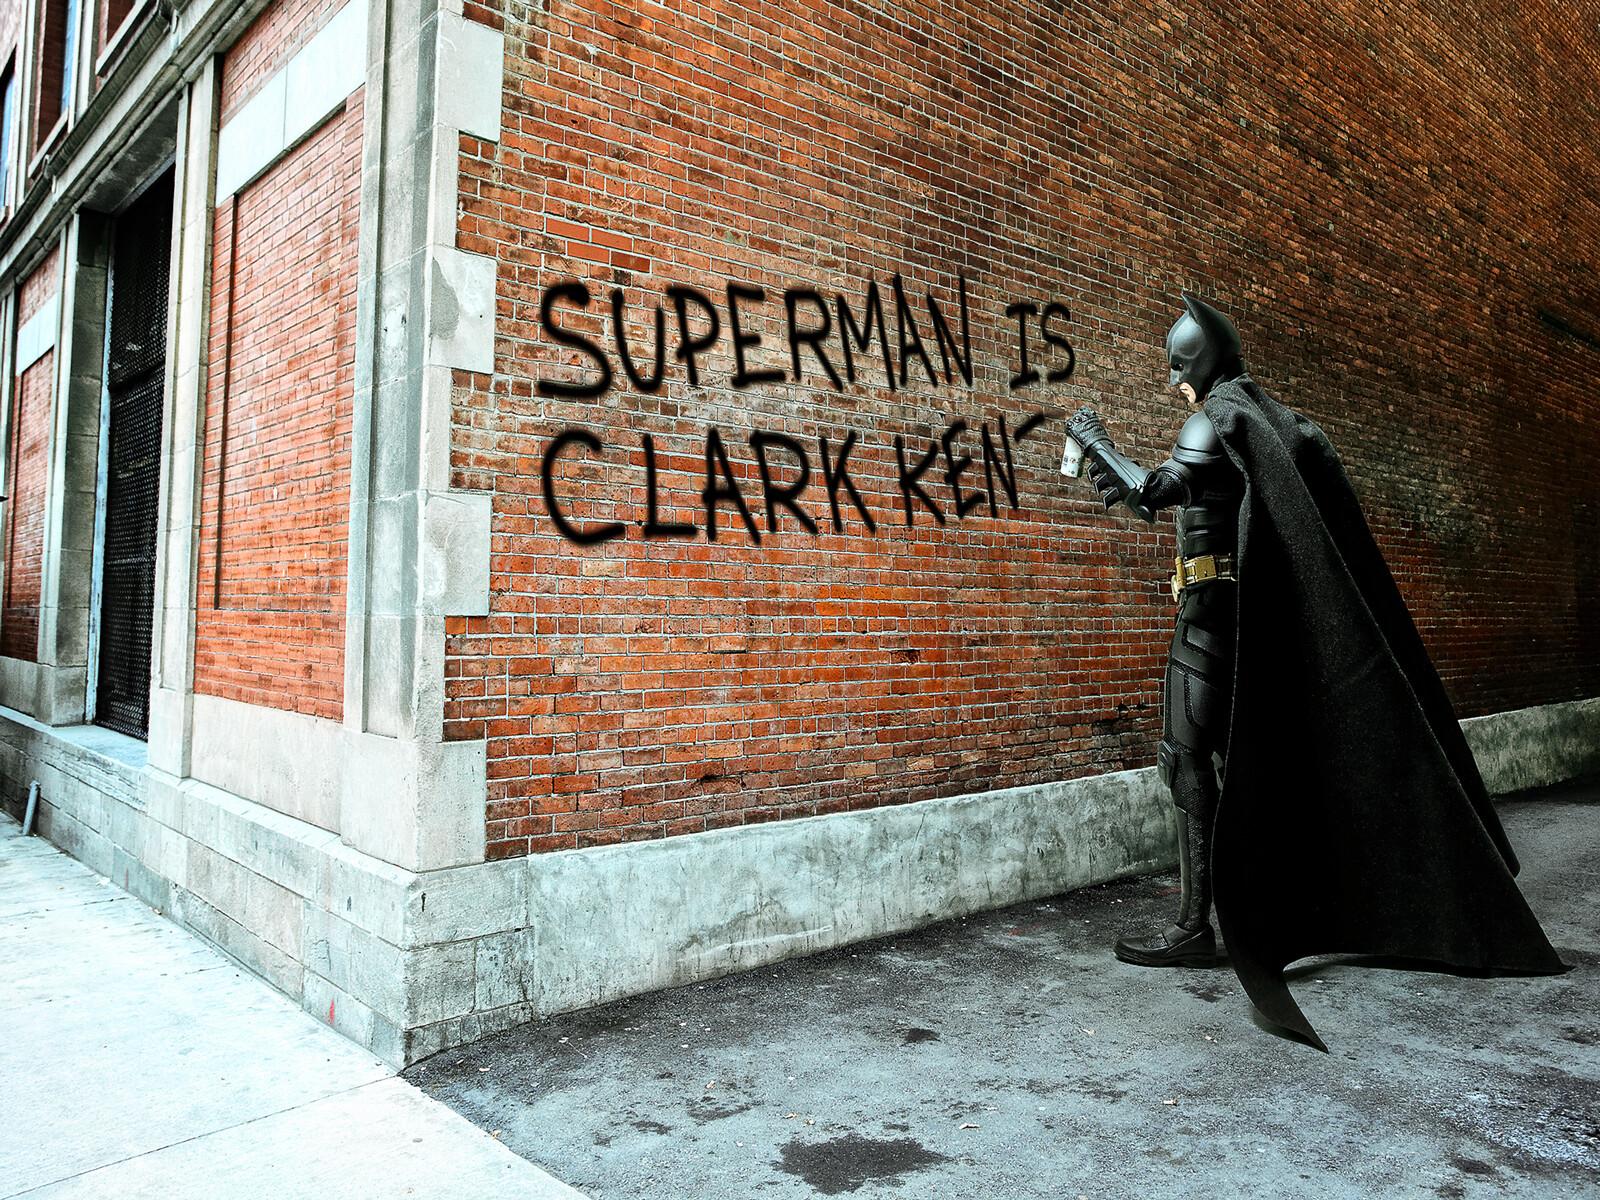 Clark Kent Graffiti - Daniel Picard